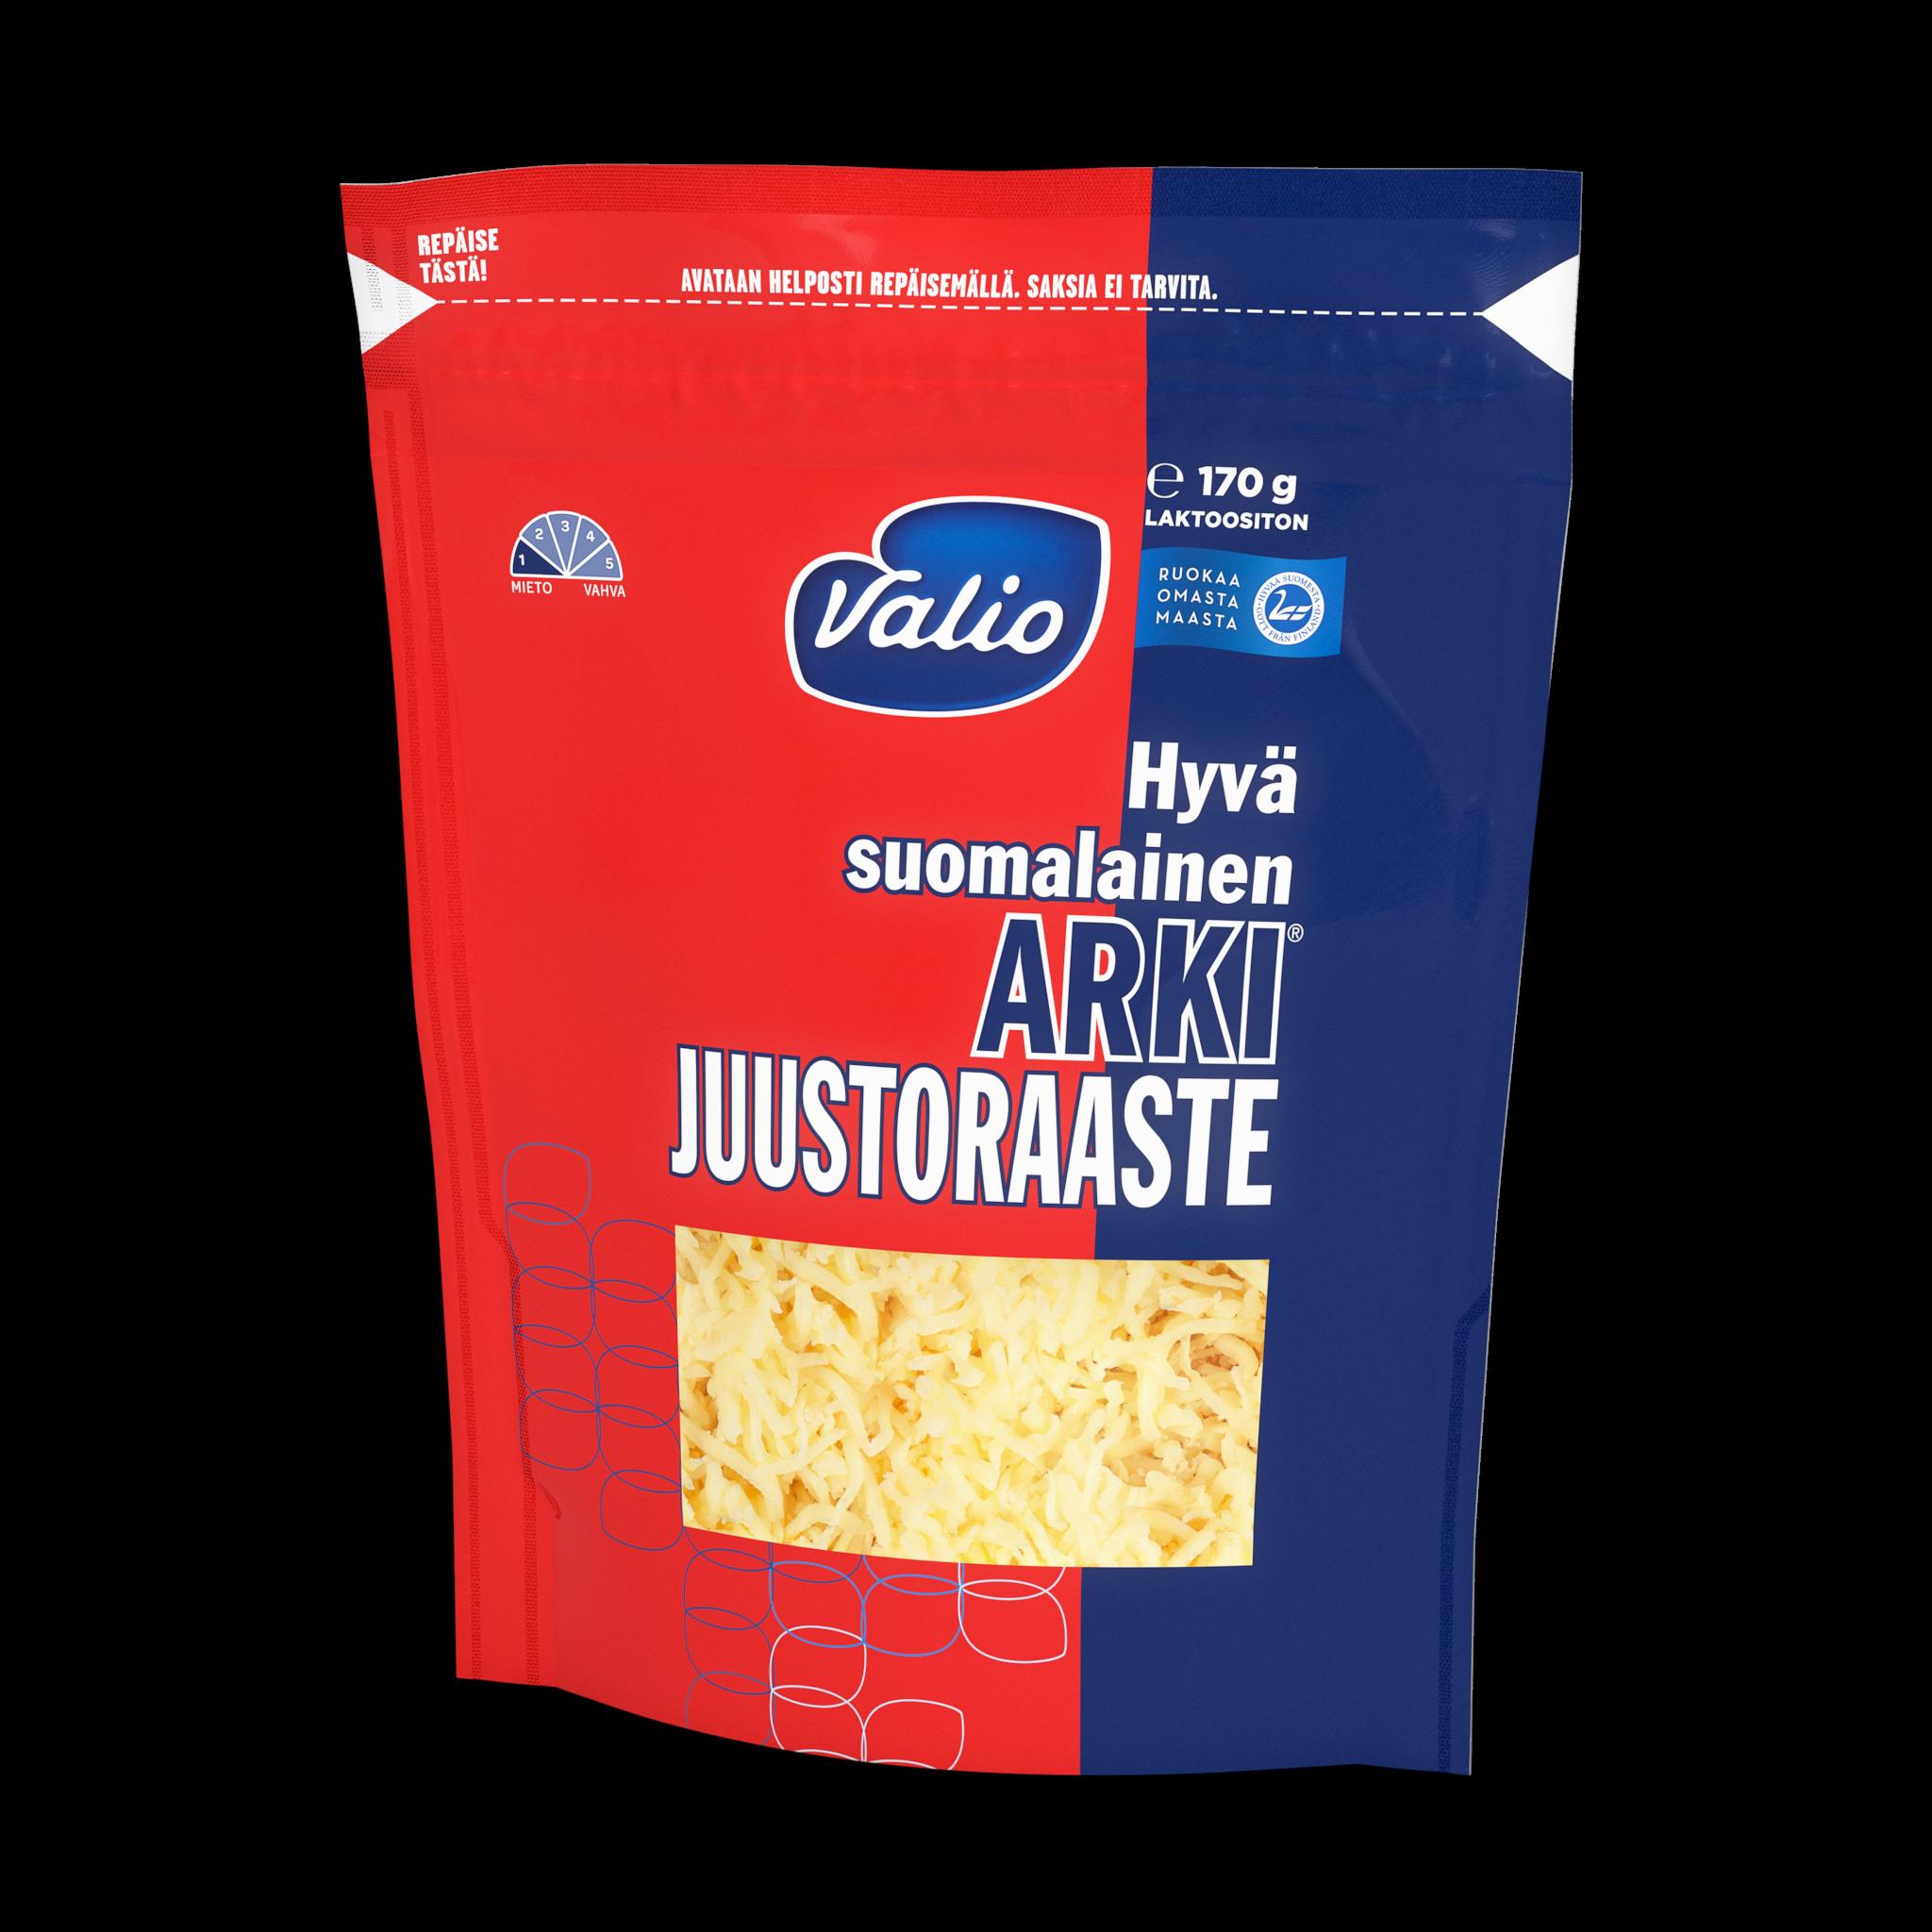 Valio Hyvä suomalainen Arki® juustoraaste